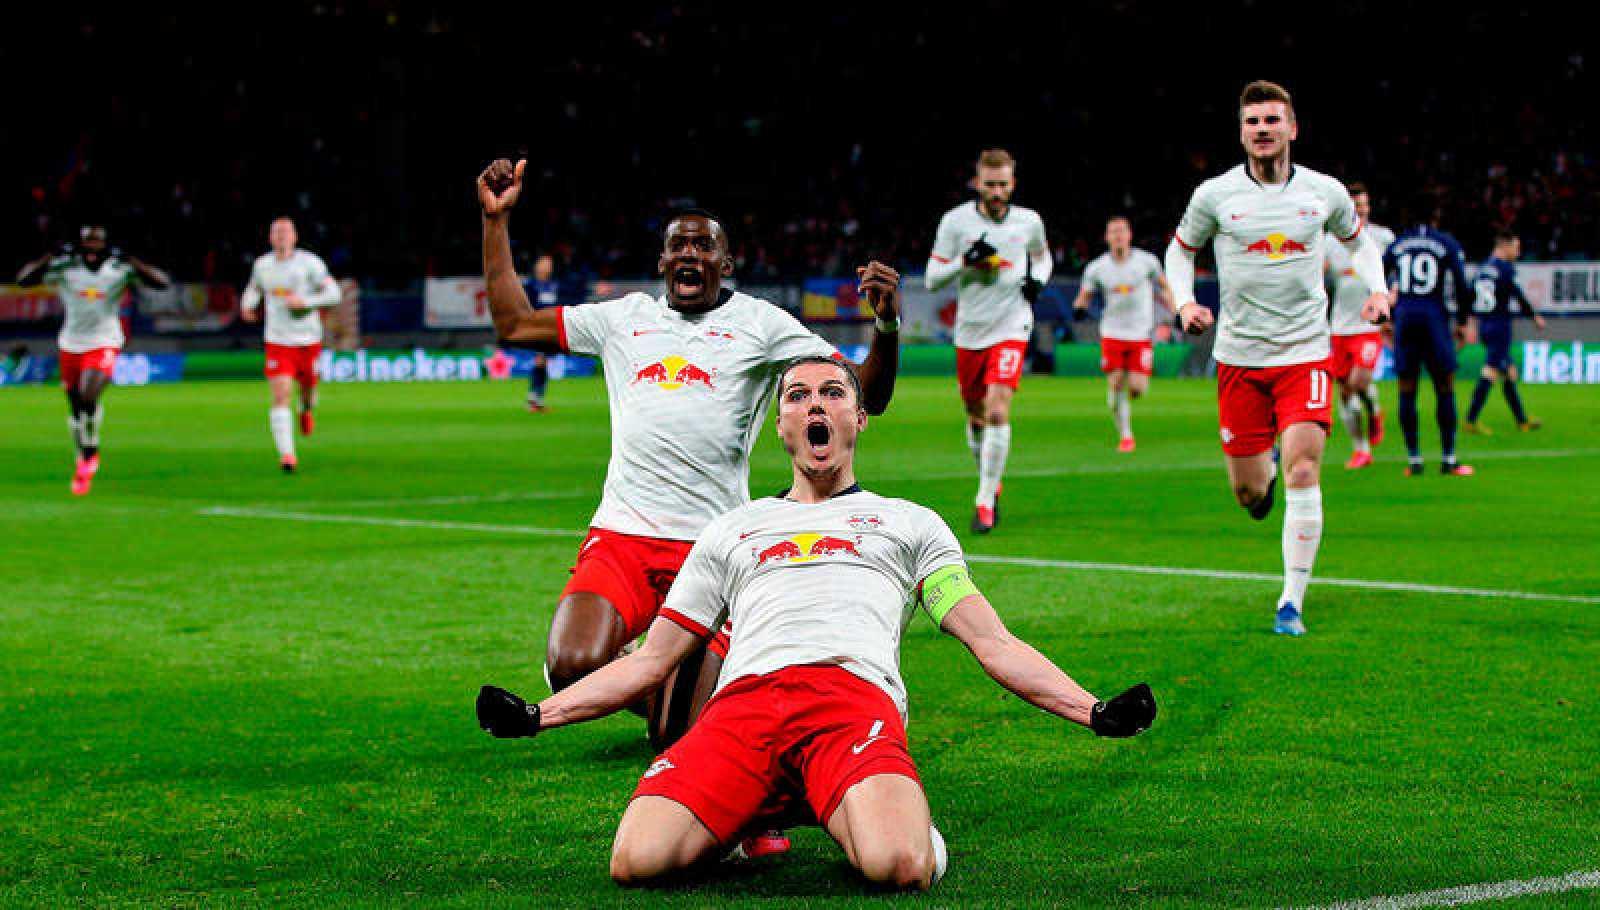 El Leipzig alcanza sus primeros cuartos de Champions | RTVE.es